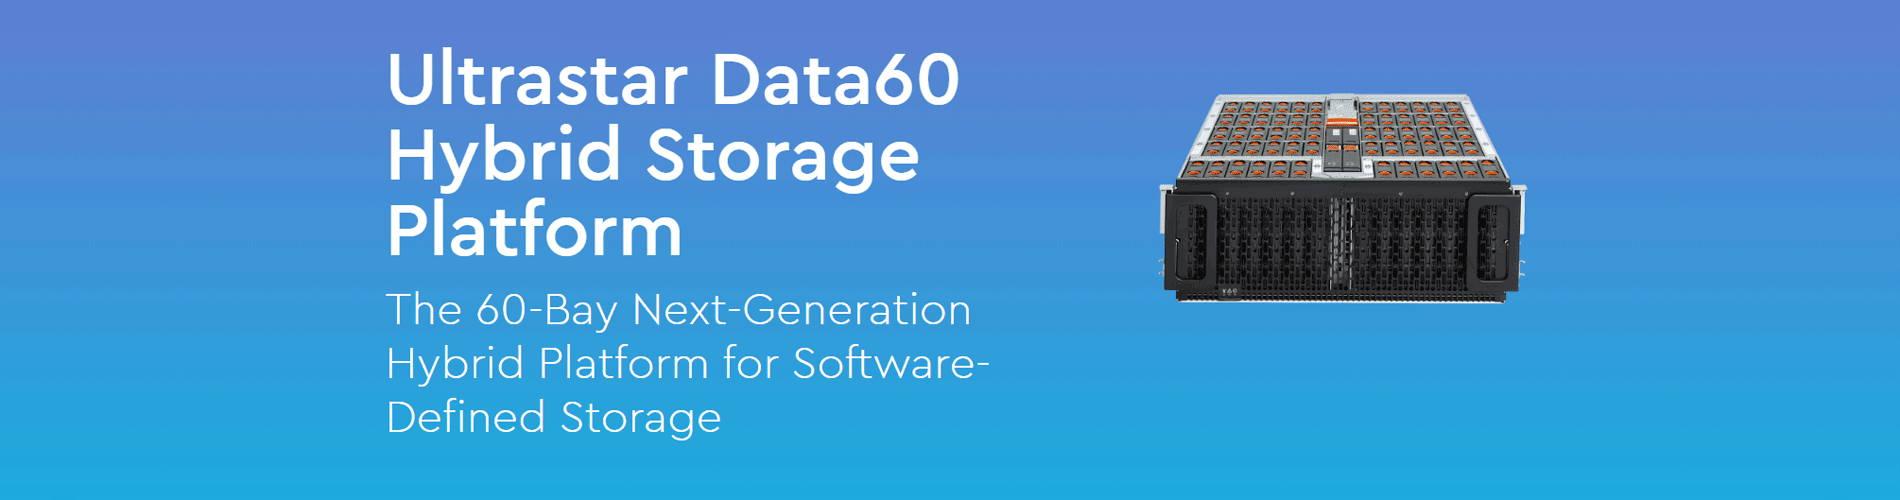 Ultrastar Data60 Hybrid Storage Platform